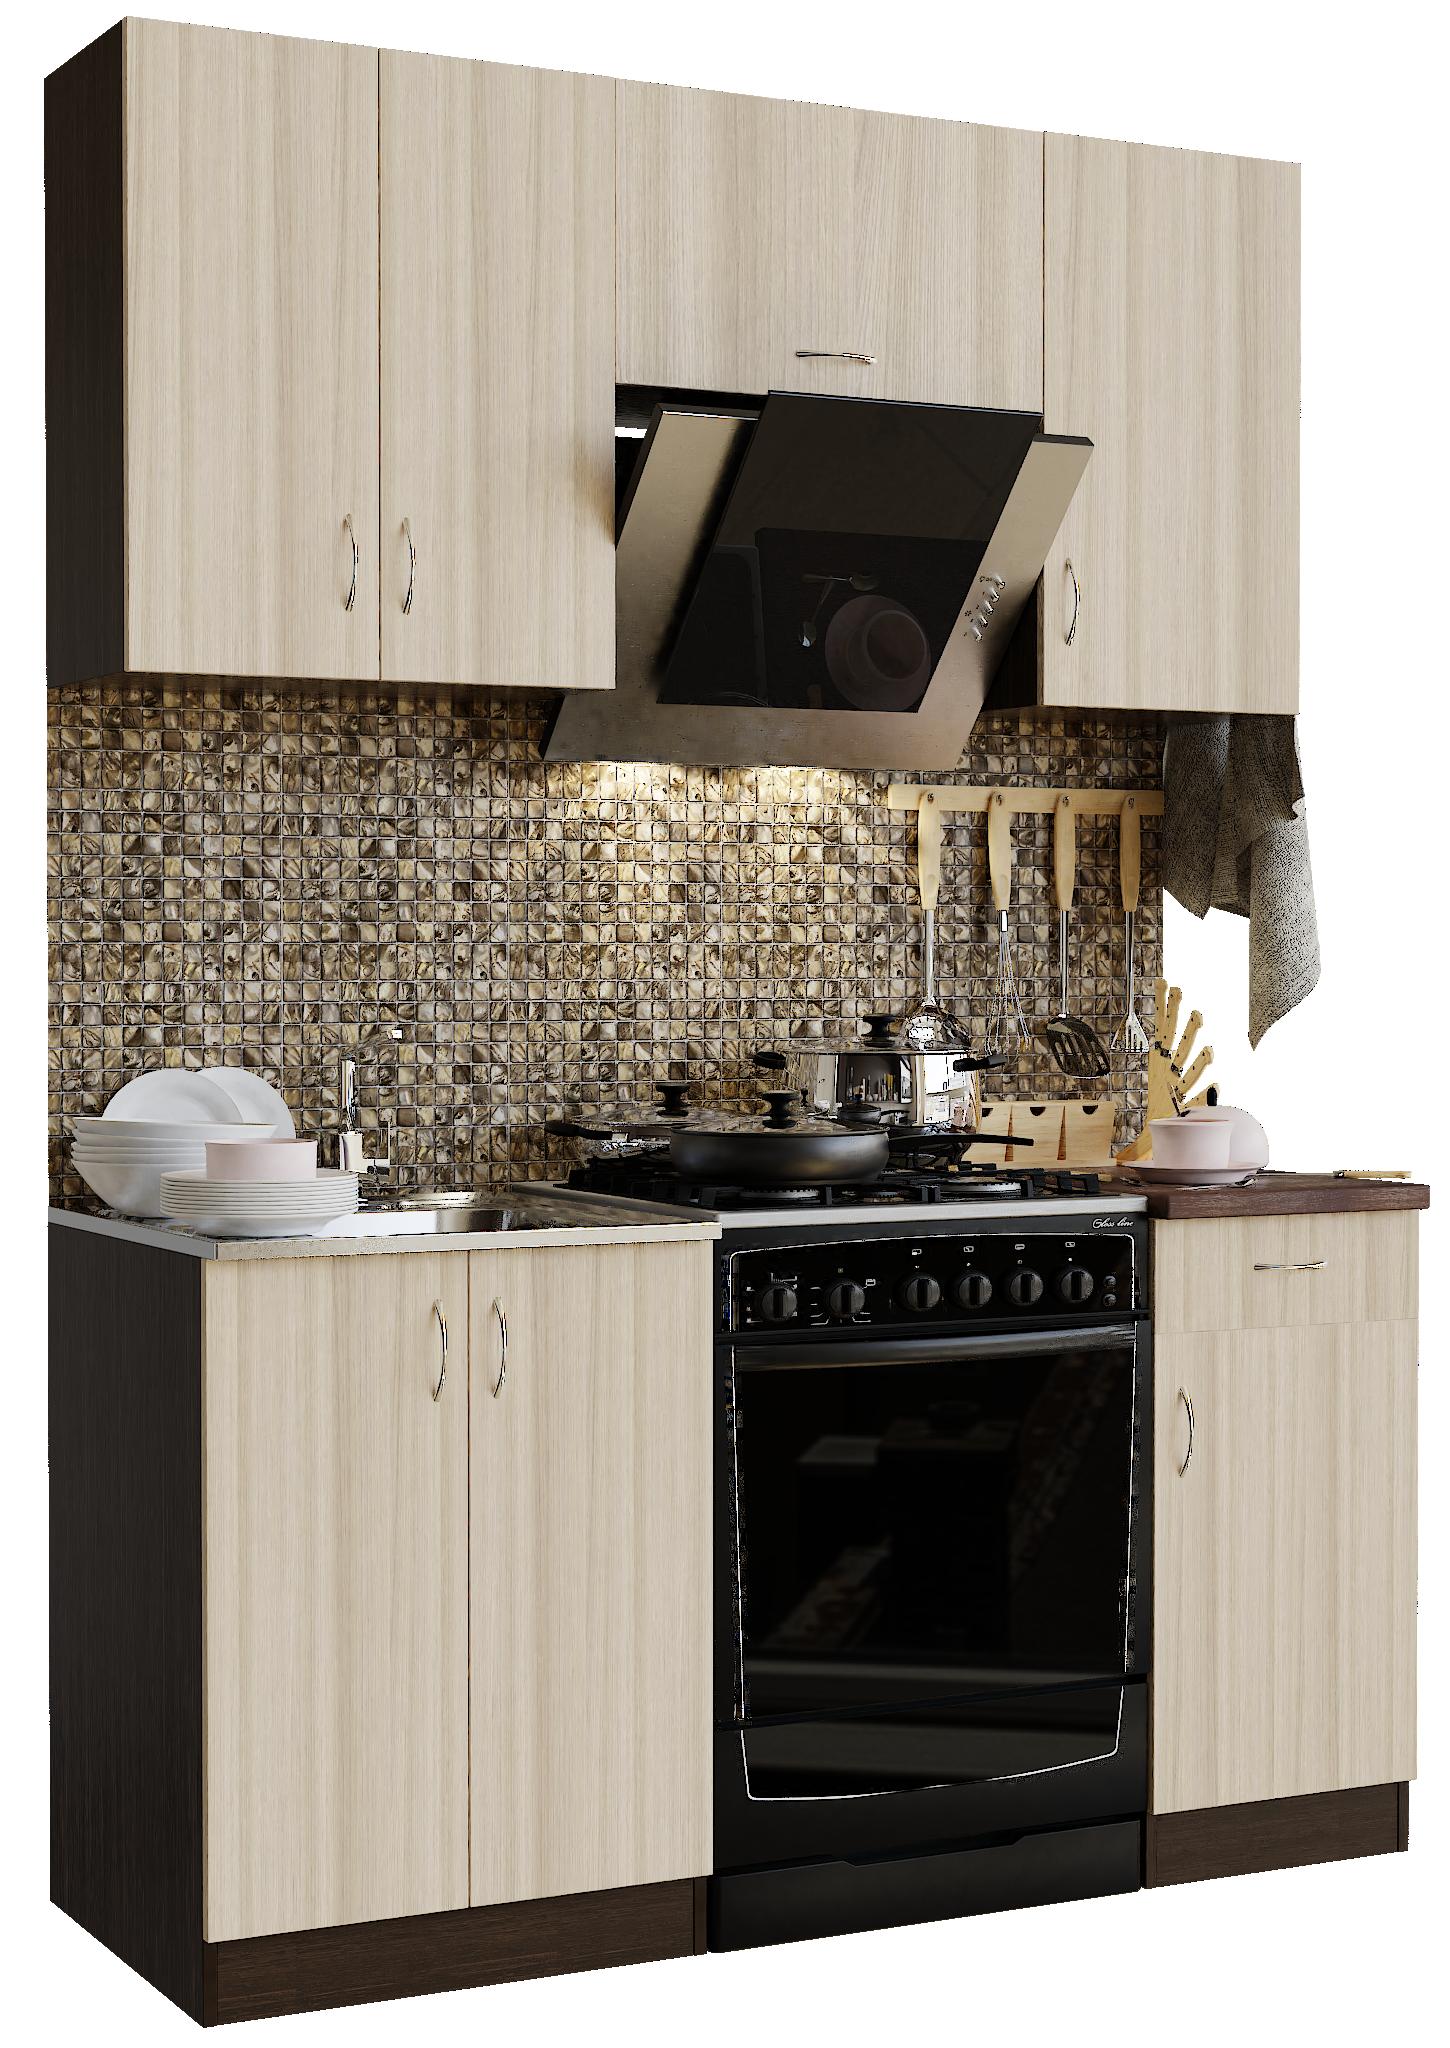 Кухонный гарнитур Sanvut ГК1600-3.1.1 Венге / Ясень шимо светлый